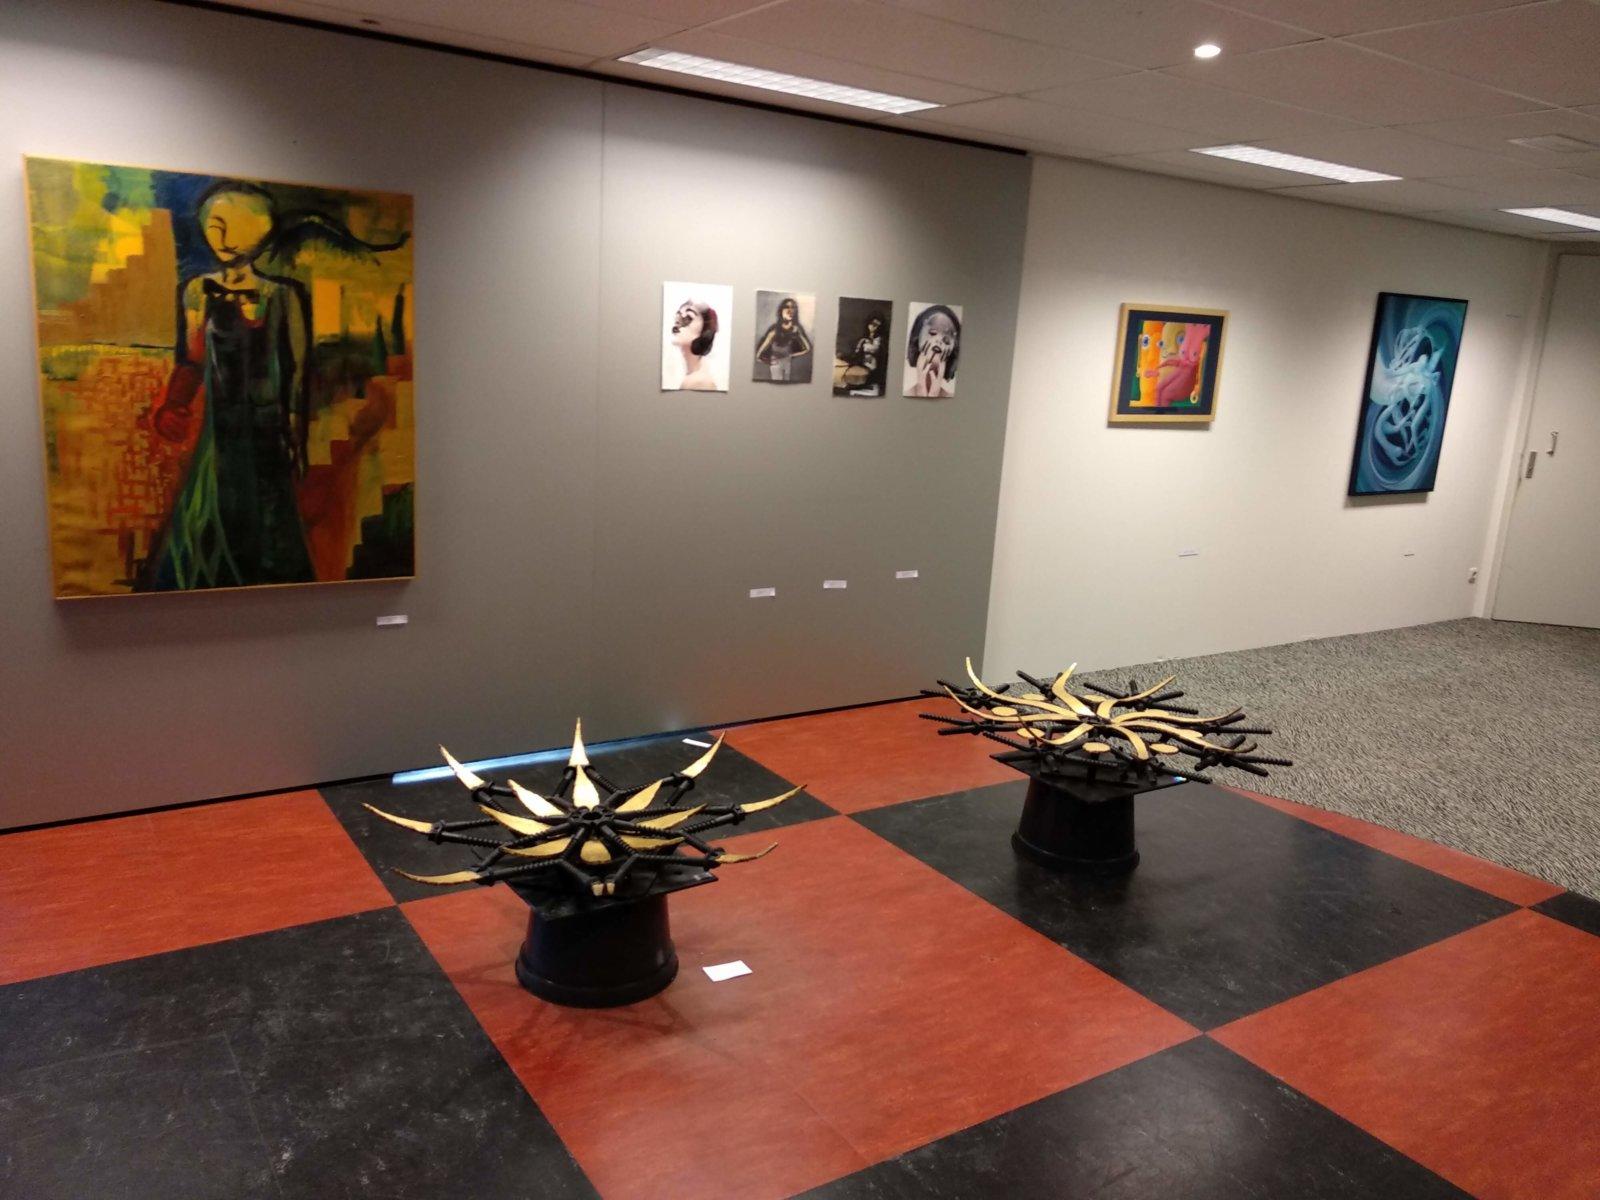 Impresse Expositie Tijdgeest Nieuwe Ruimte Den Heuvel 32 Velp